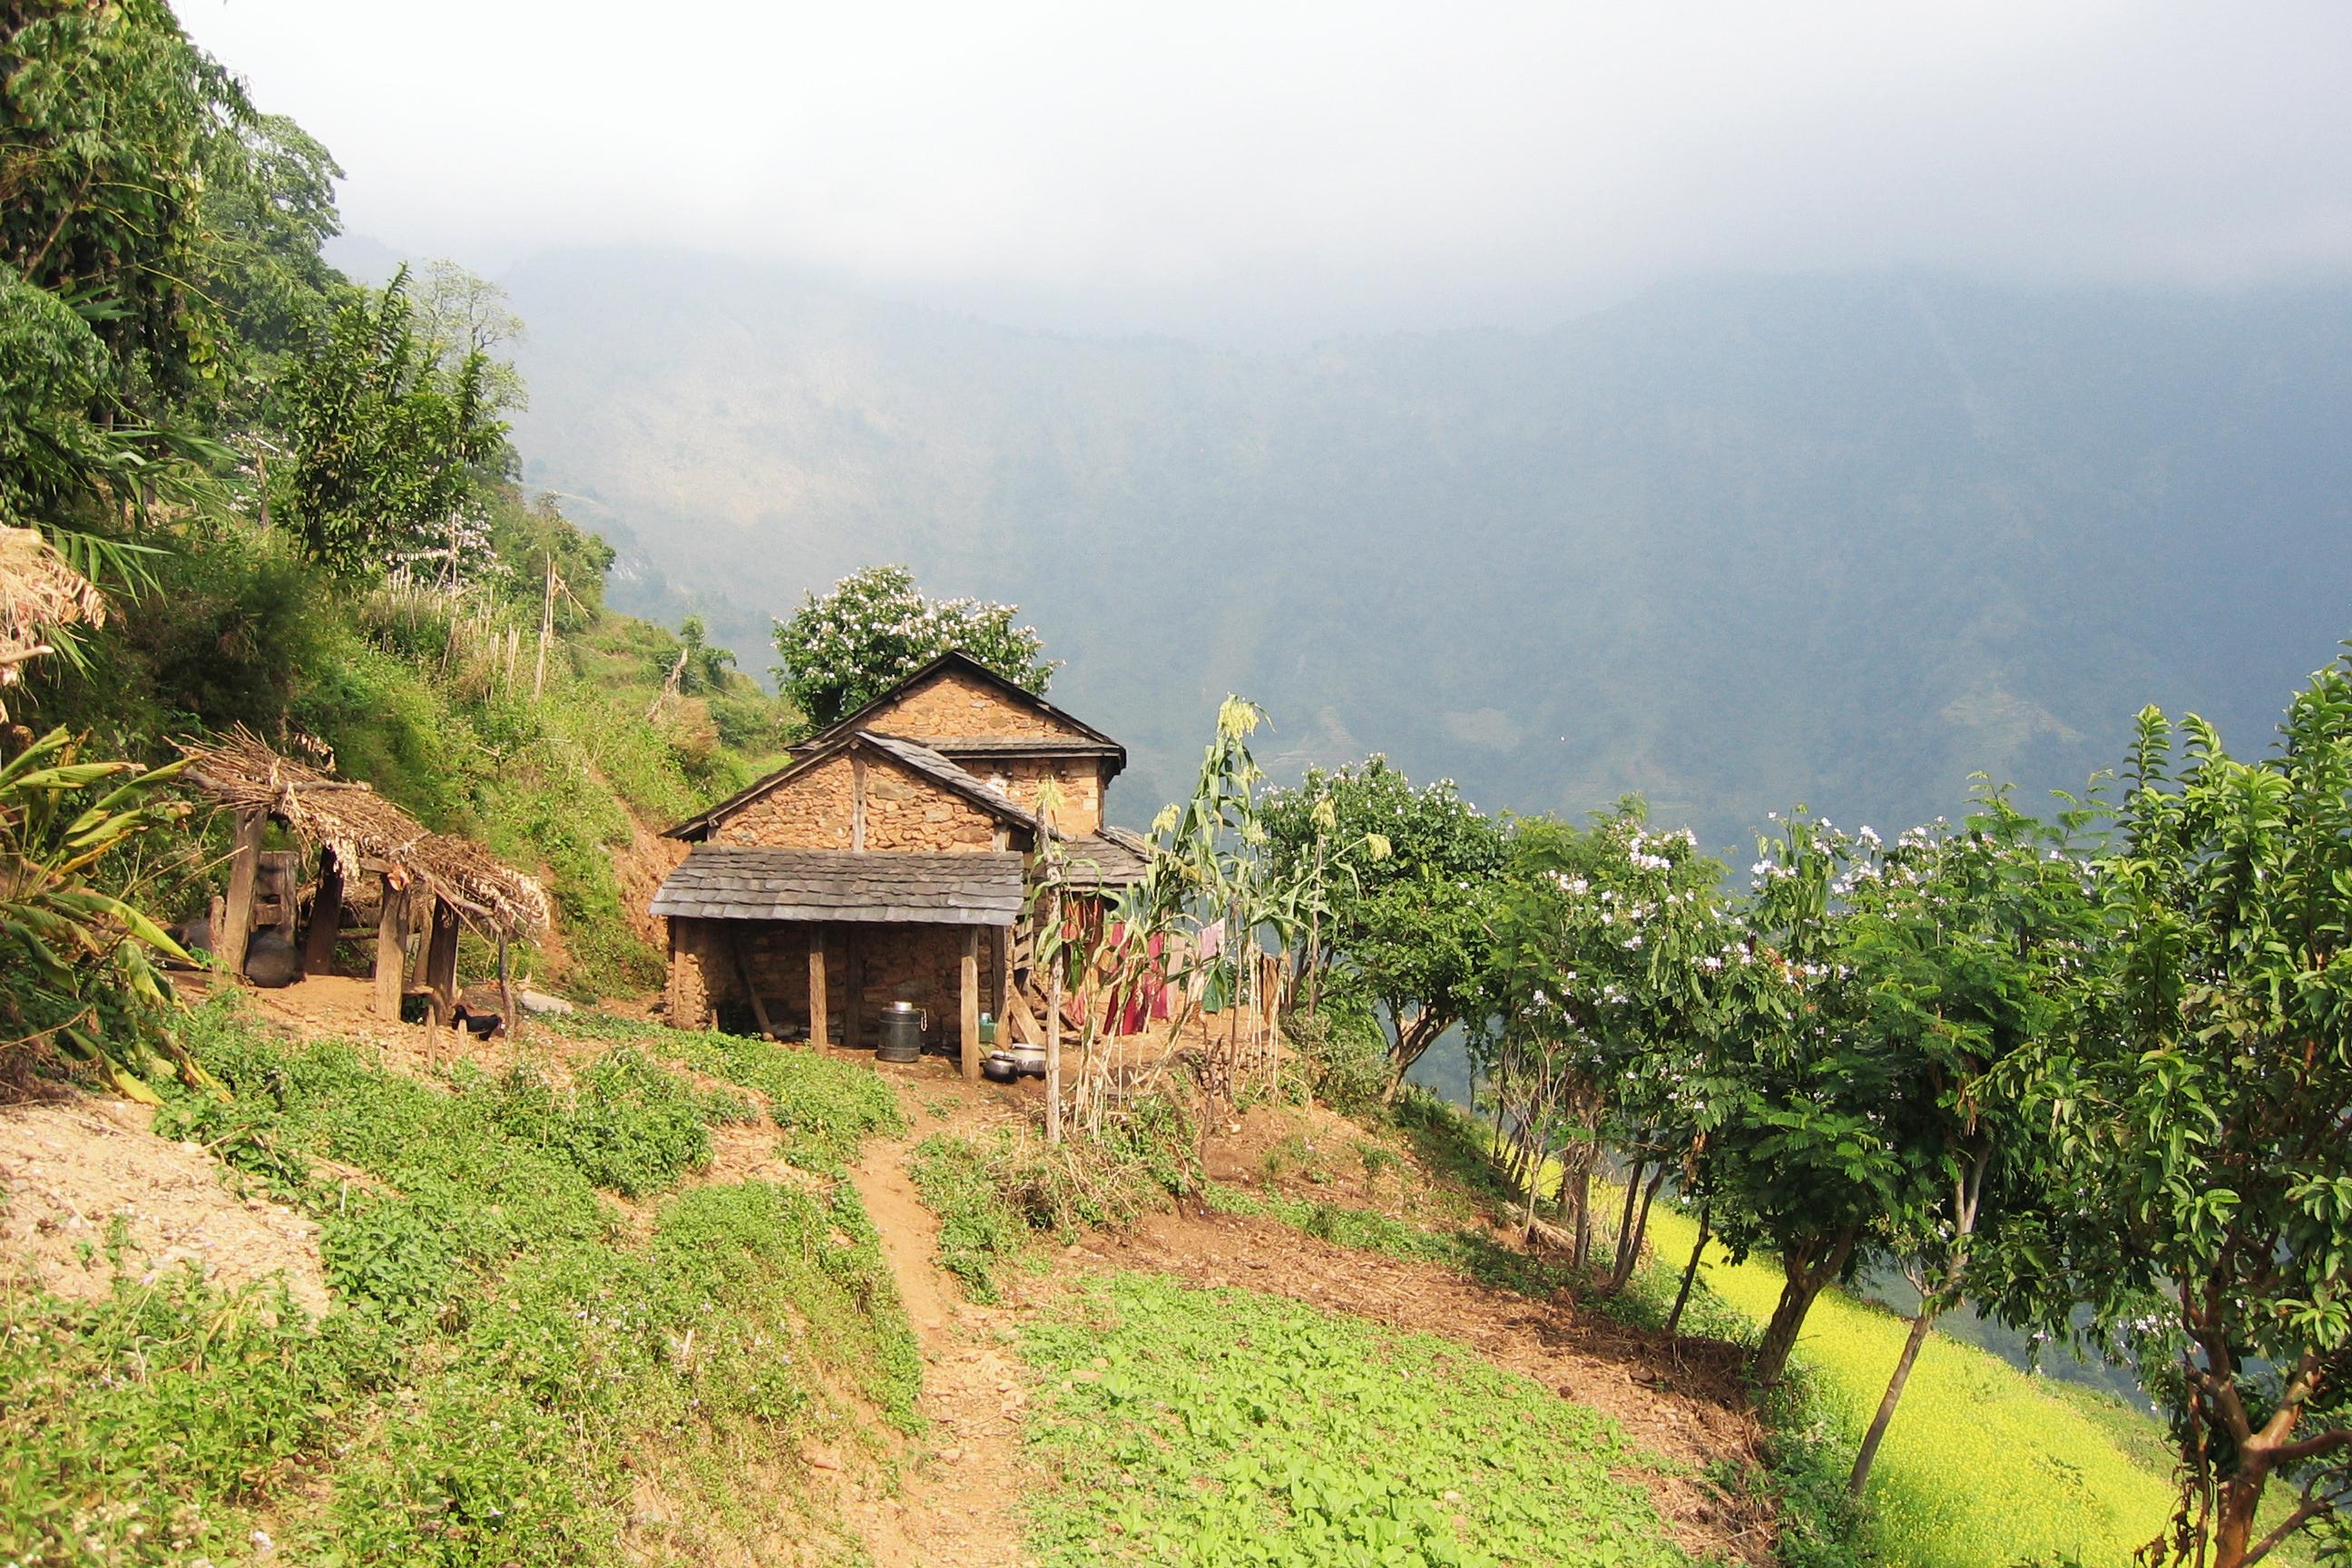 Zwei braune Hütten von Kleinbauern auf einem Berg